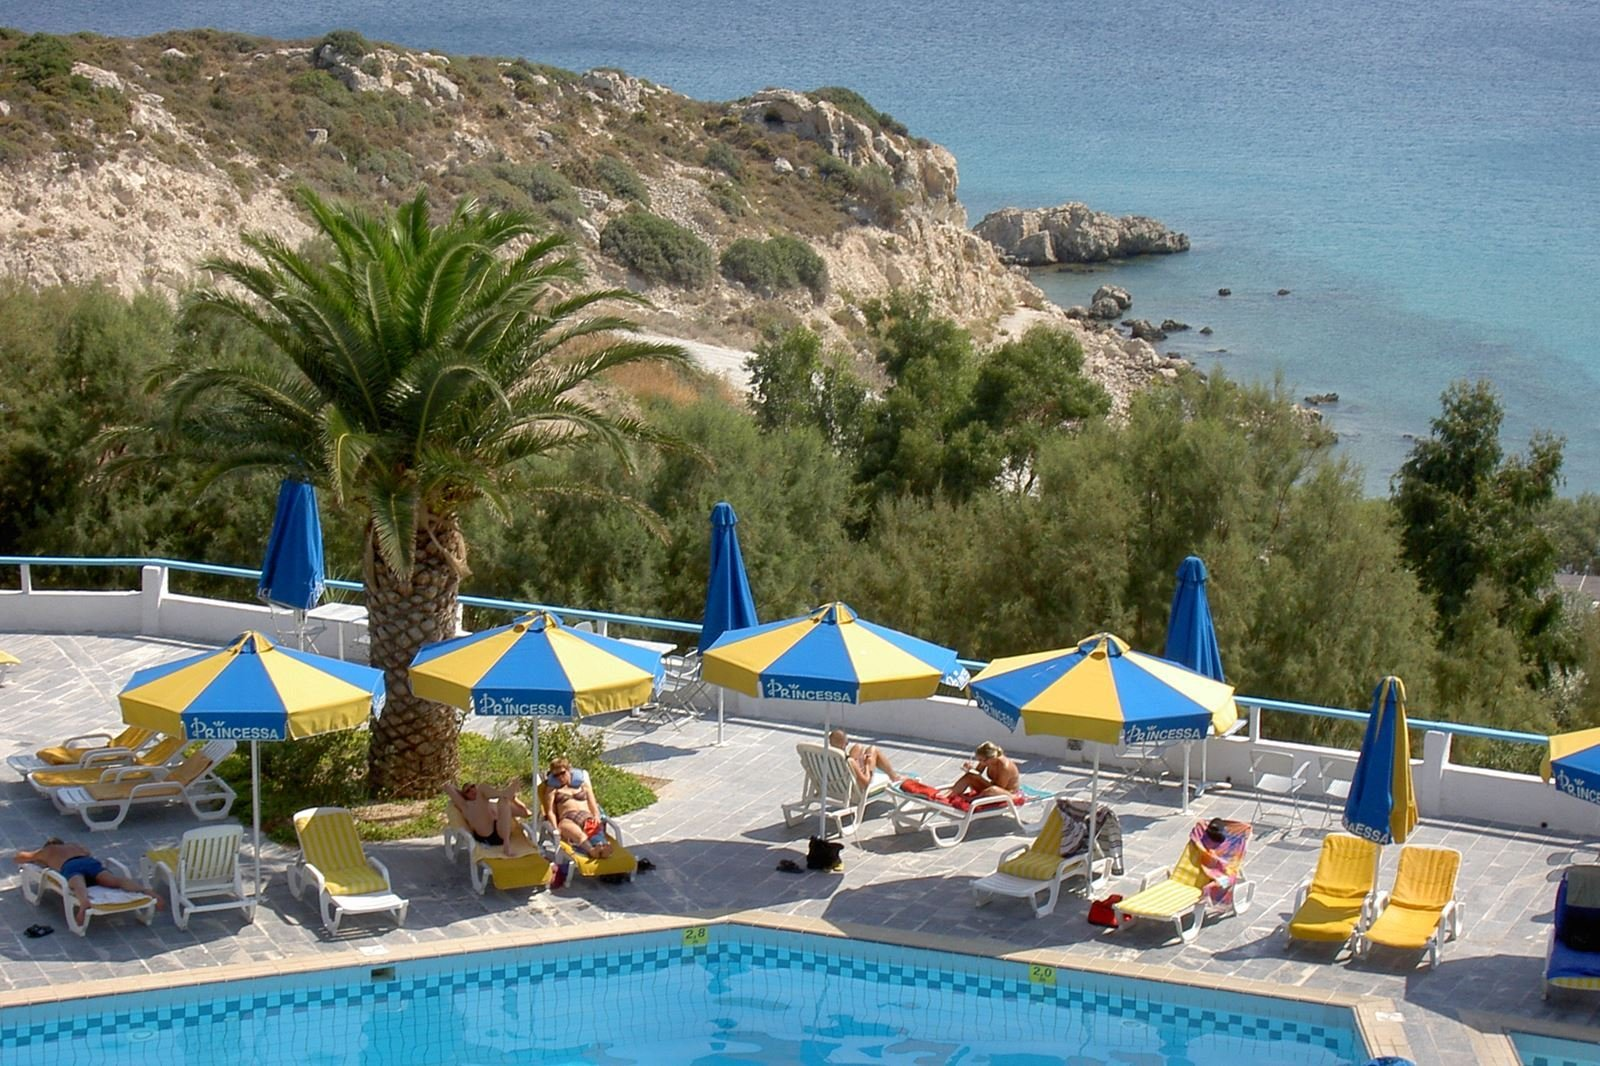 Hotel Princessa Rivièra Resort - Pythagorion